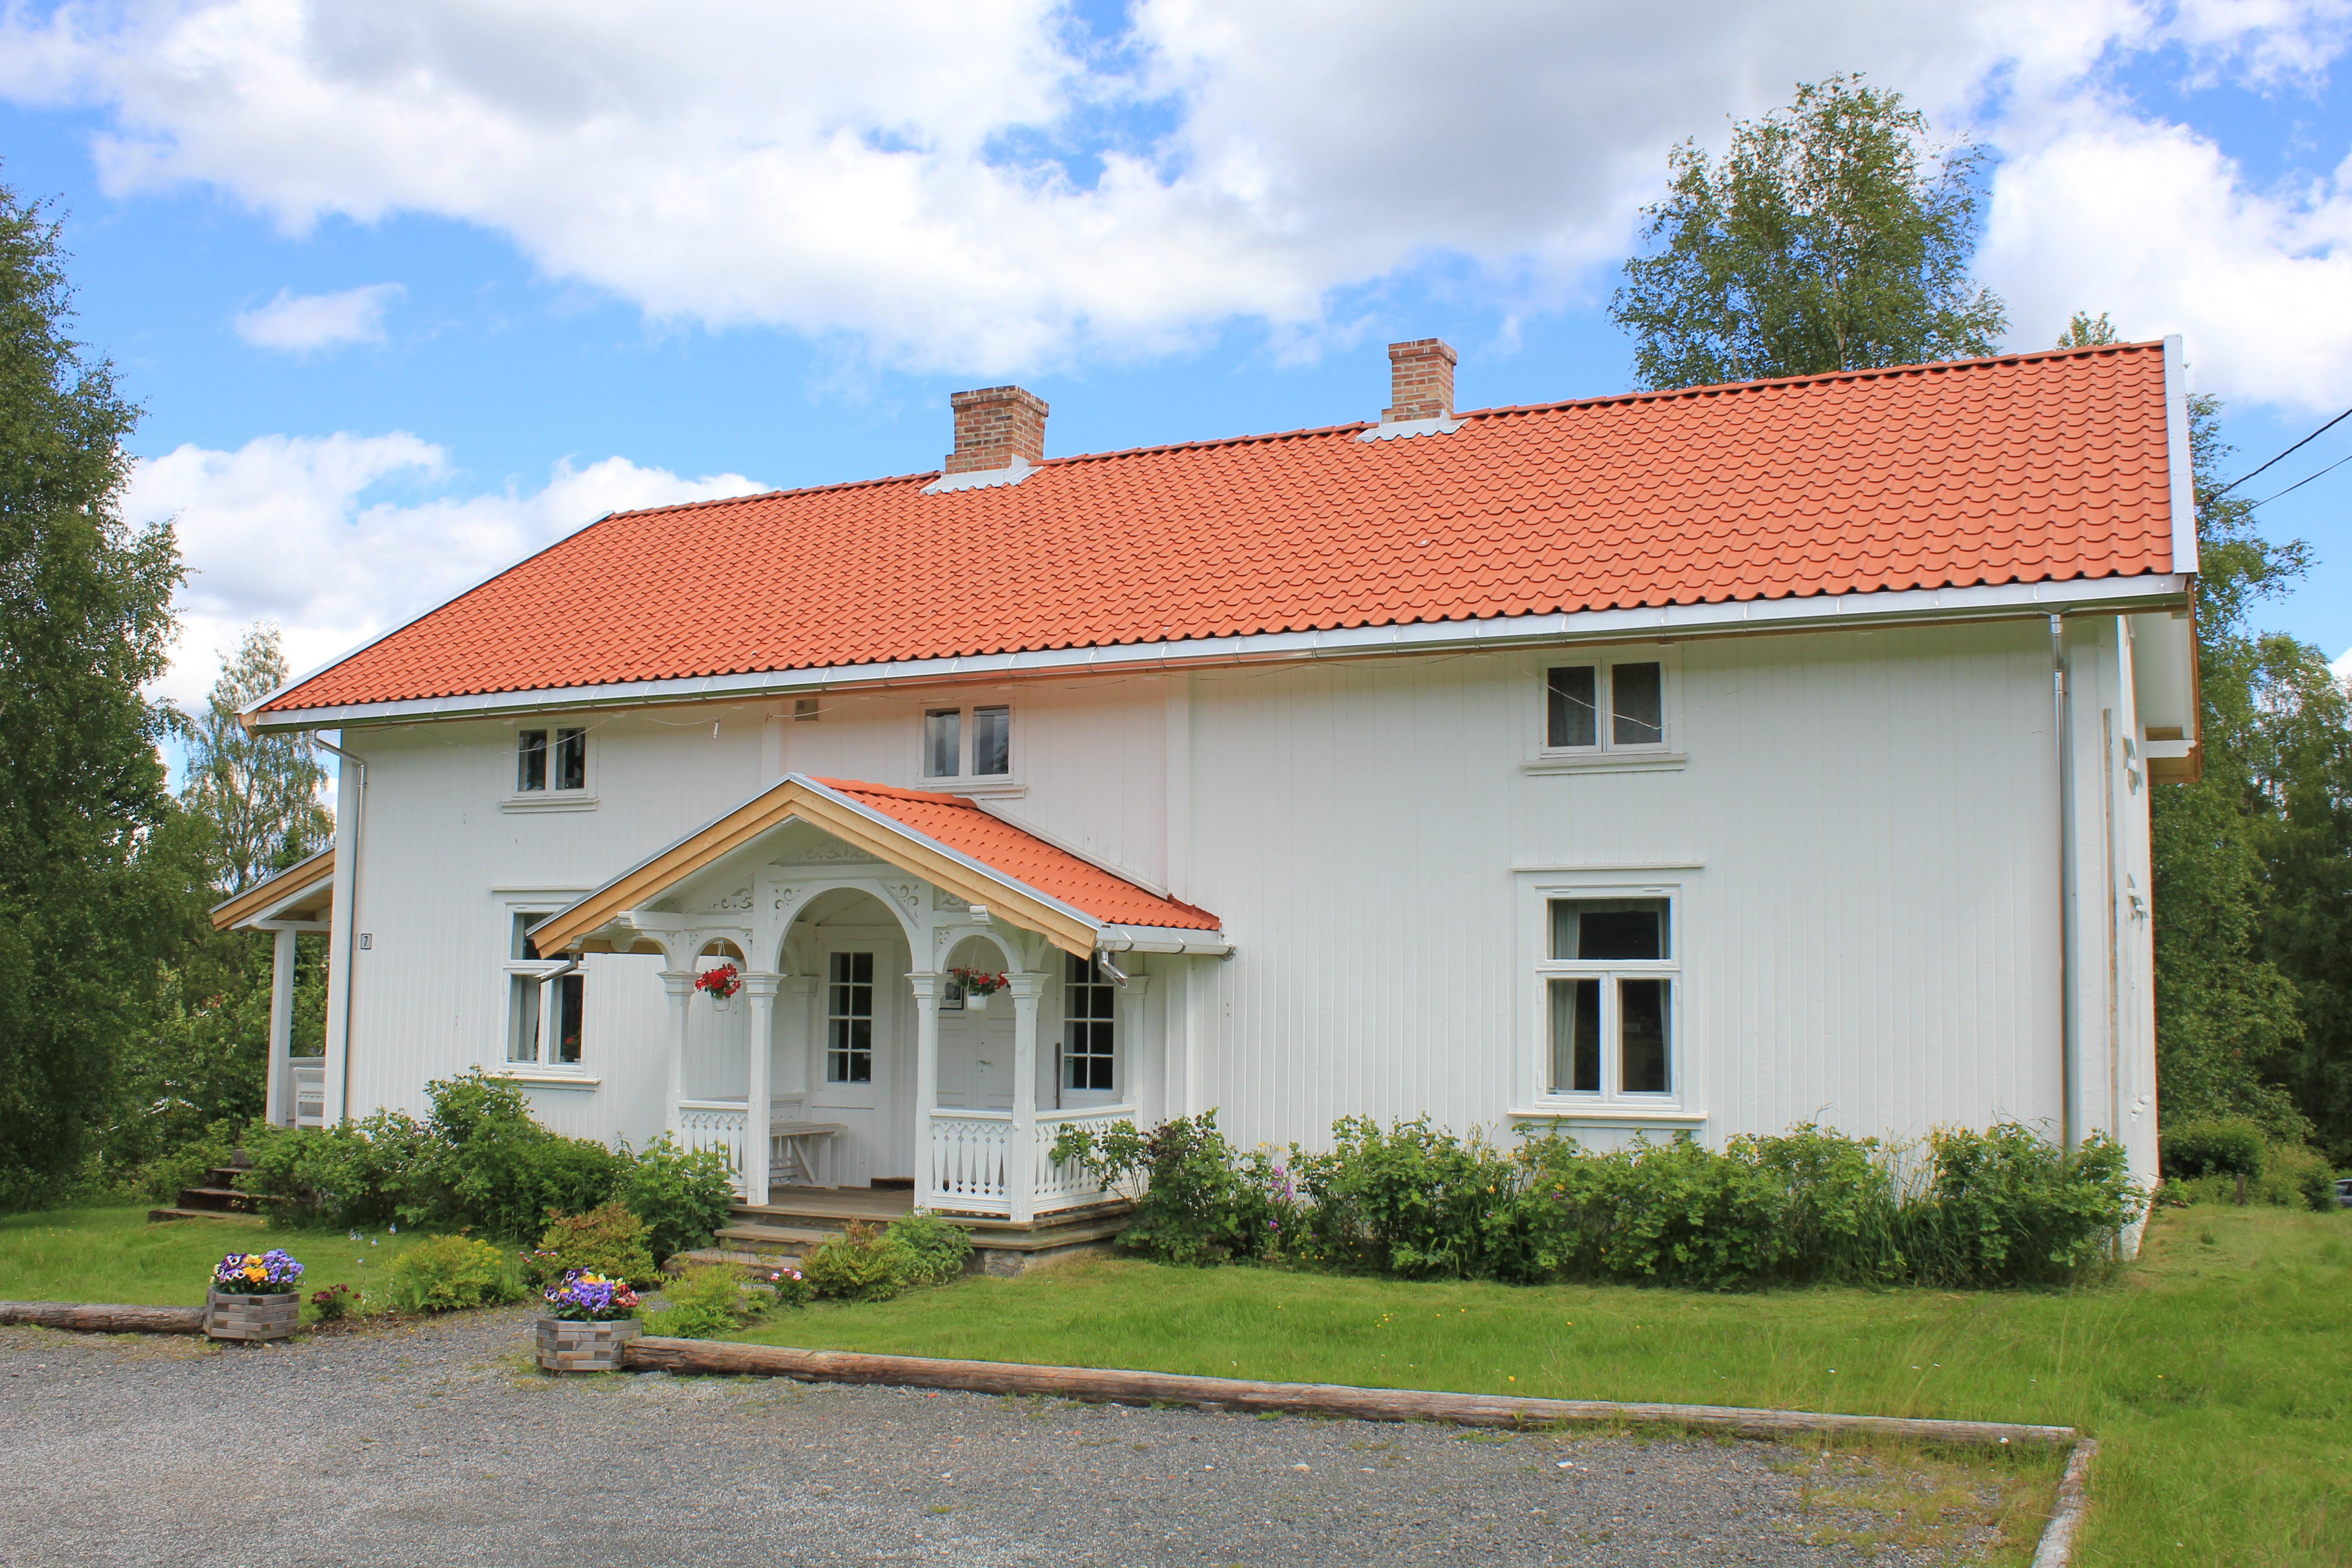 File:Sigurd Hoels barndomshjem - 2.JPG - Wikimedia Commons